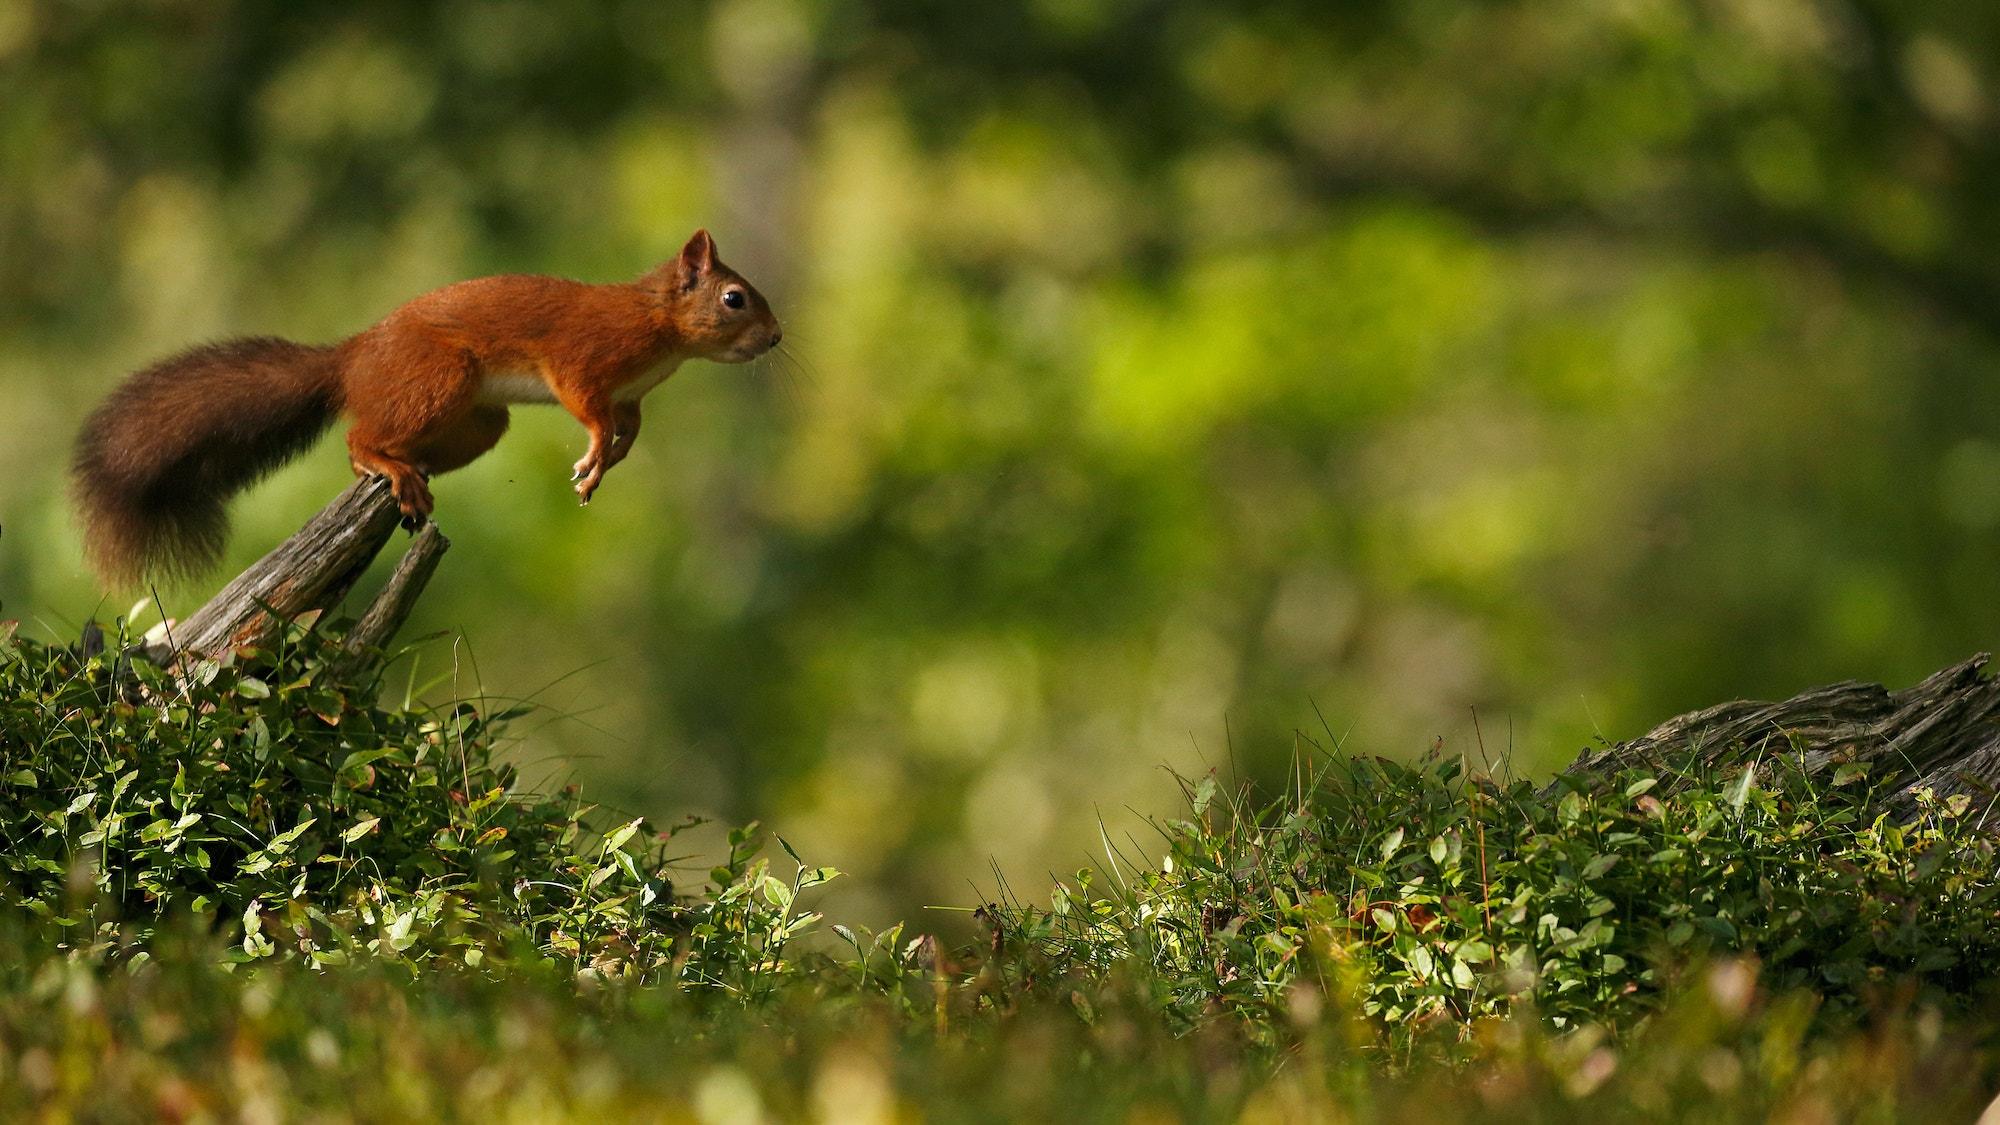 Squirrel jump SBP NM